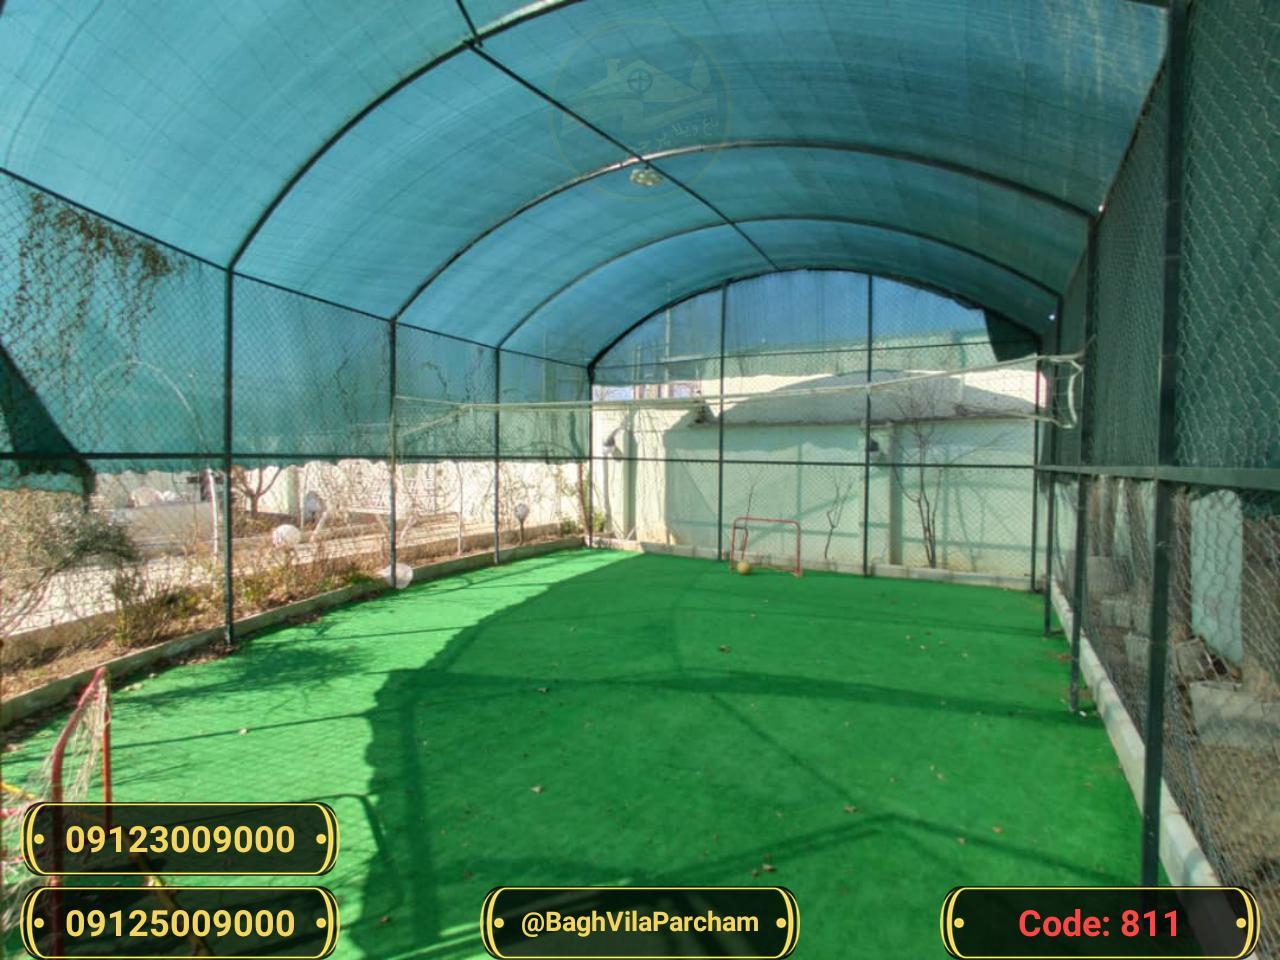 تصویر عکس باغ ویلا شماره 4 از ویلای ۸۰۰ متر ویلا Picture photo image 4 of ۸۰۰ متر ویلا